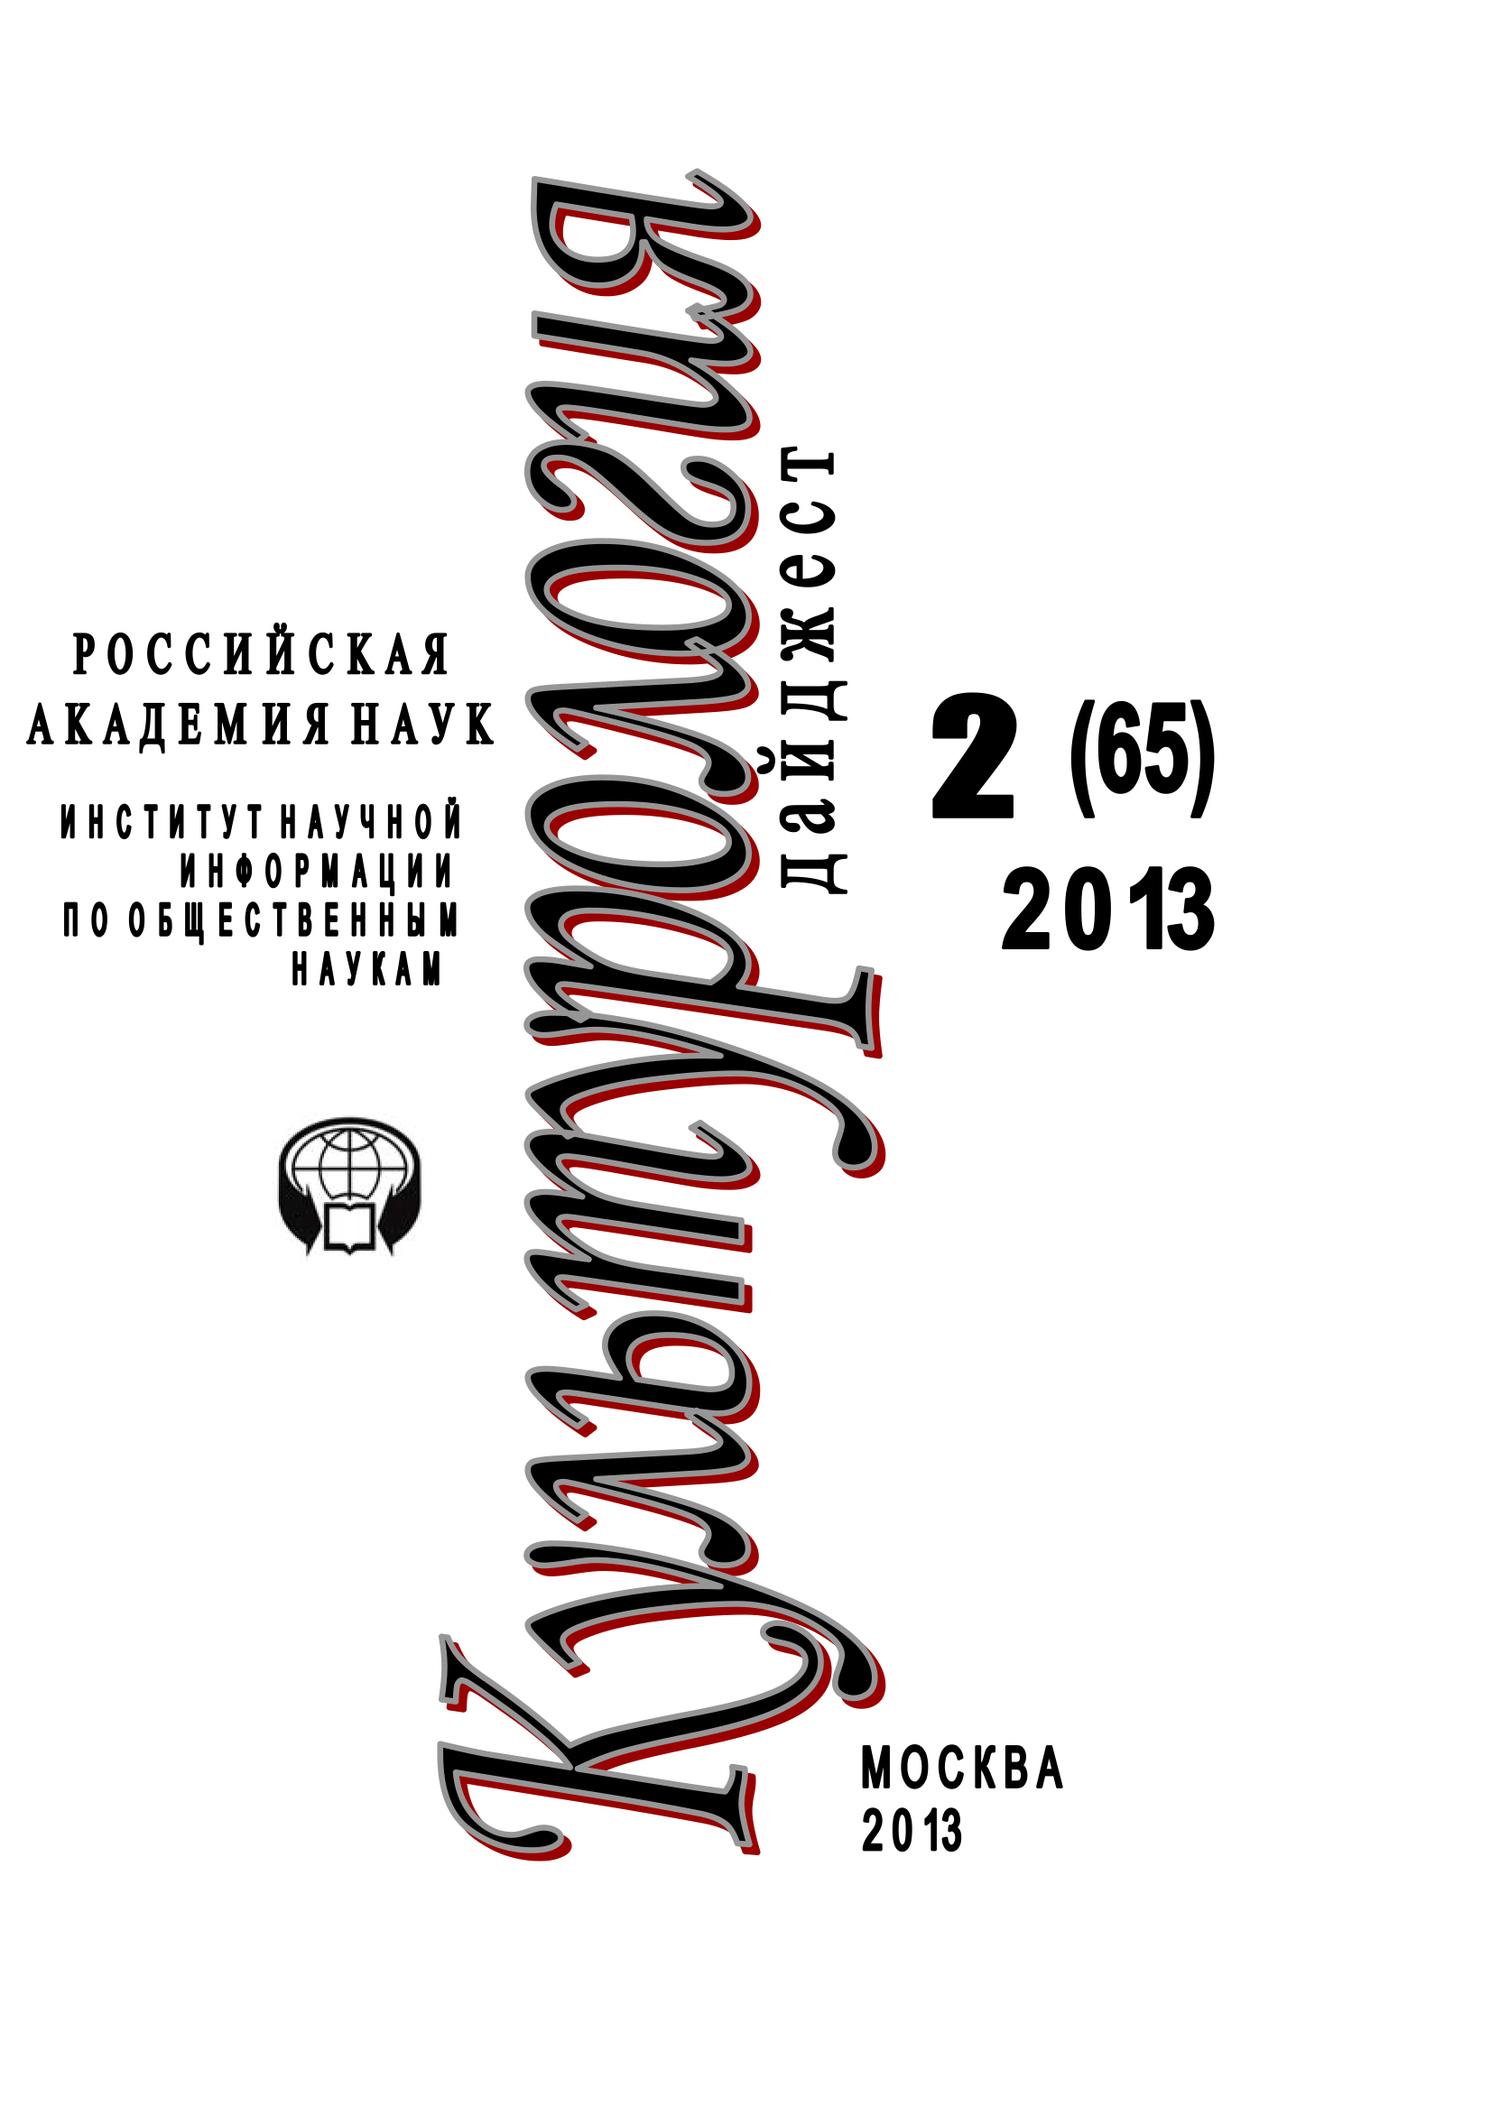 Ирина Галинская - Культурология. Дайджест №2 / 2013